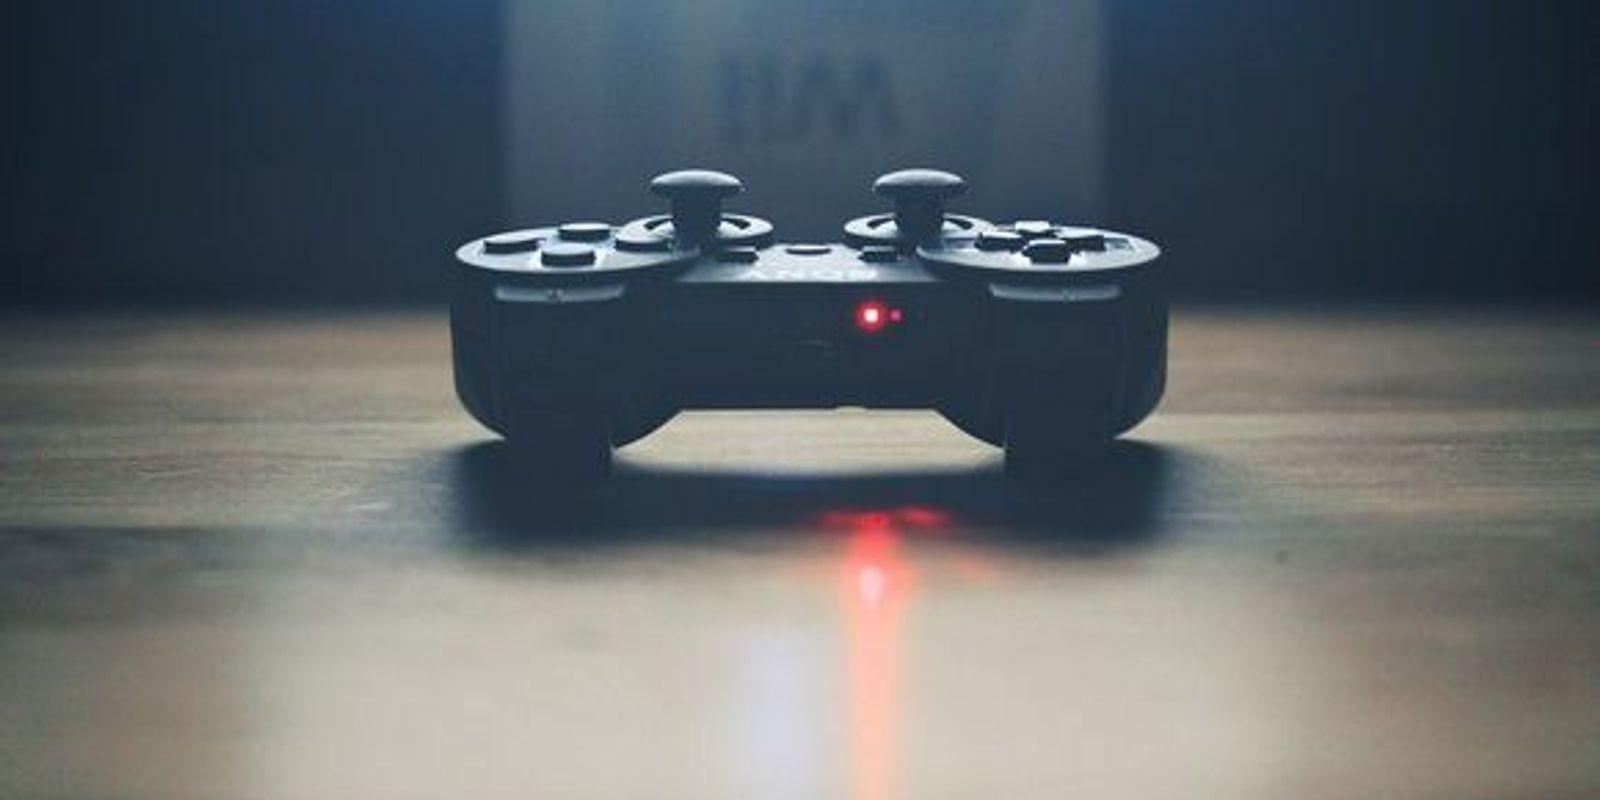 Sony раскрыла первые подробности Sony PlayStation 5: SSD и обратная совместимость с PS4 и PSVR (sony ps4 controller large)